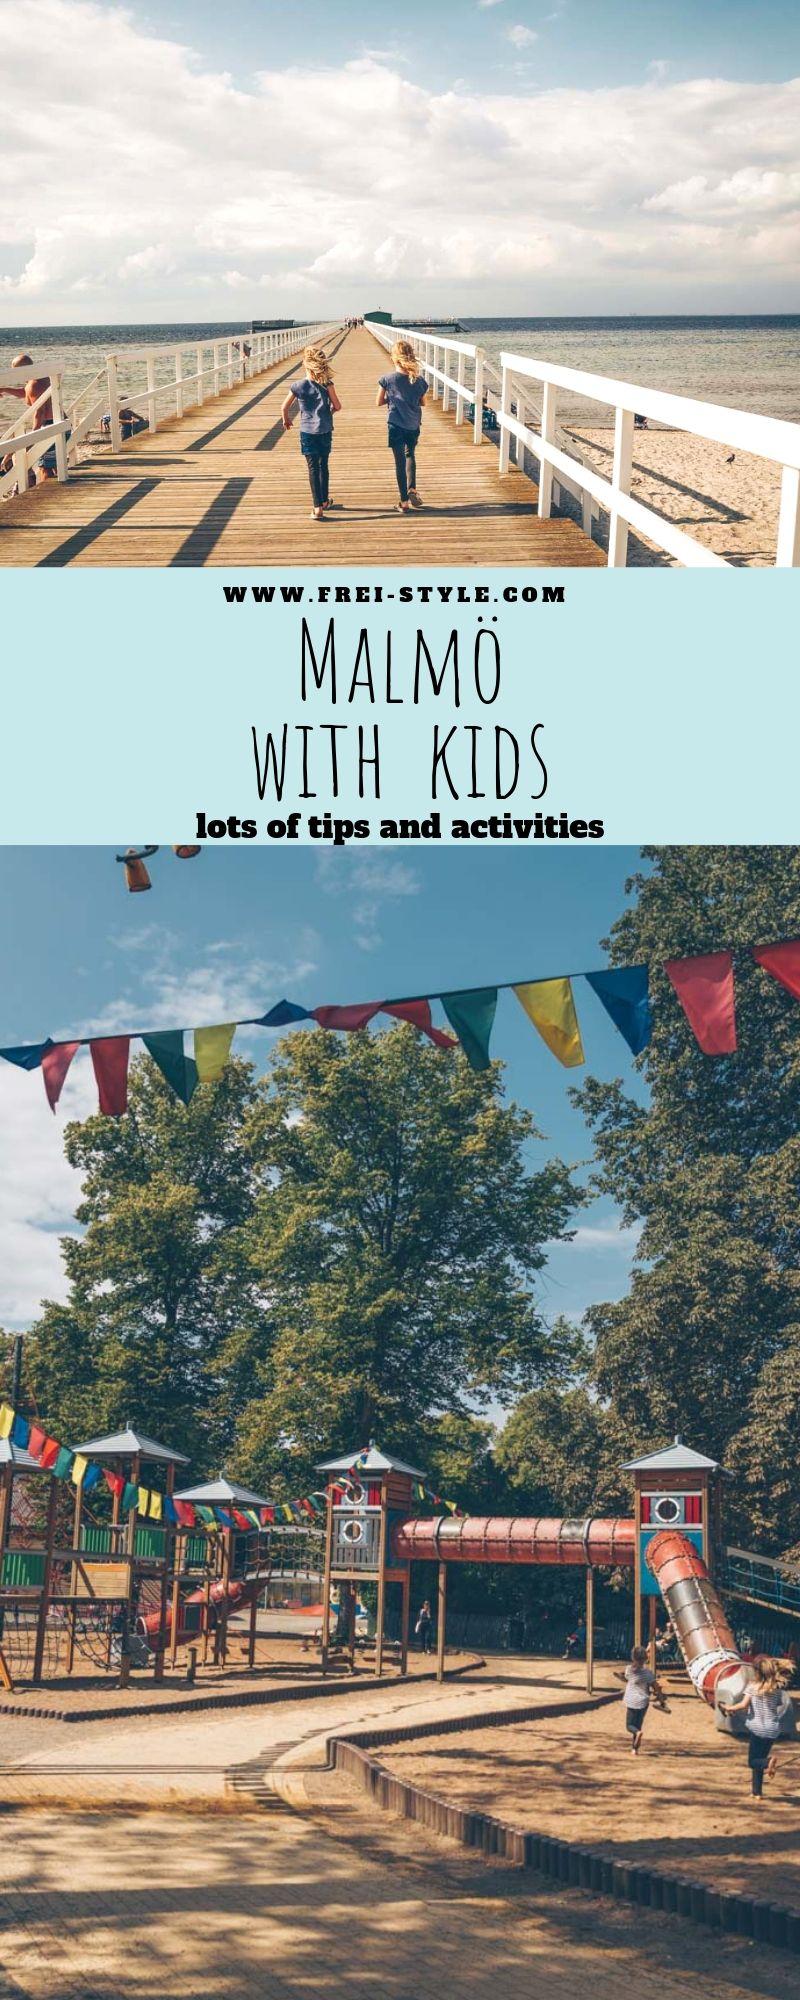 Malmö with kids